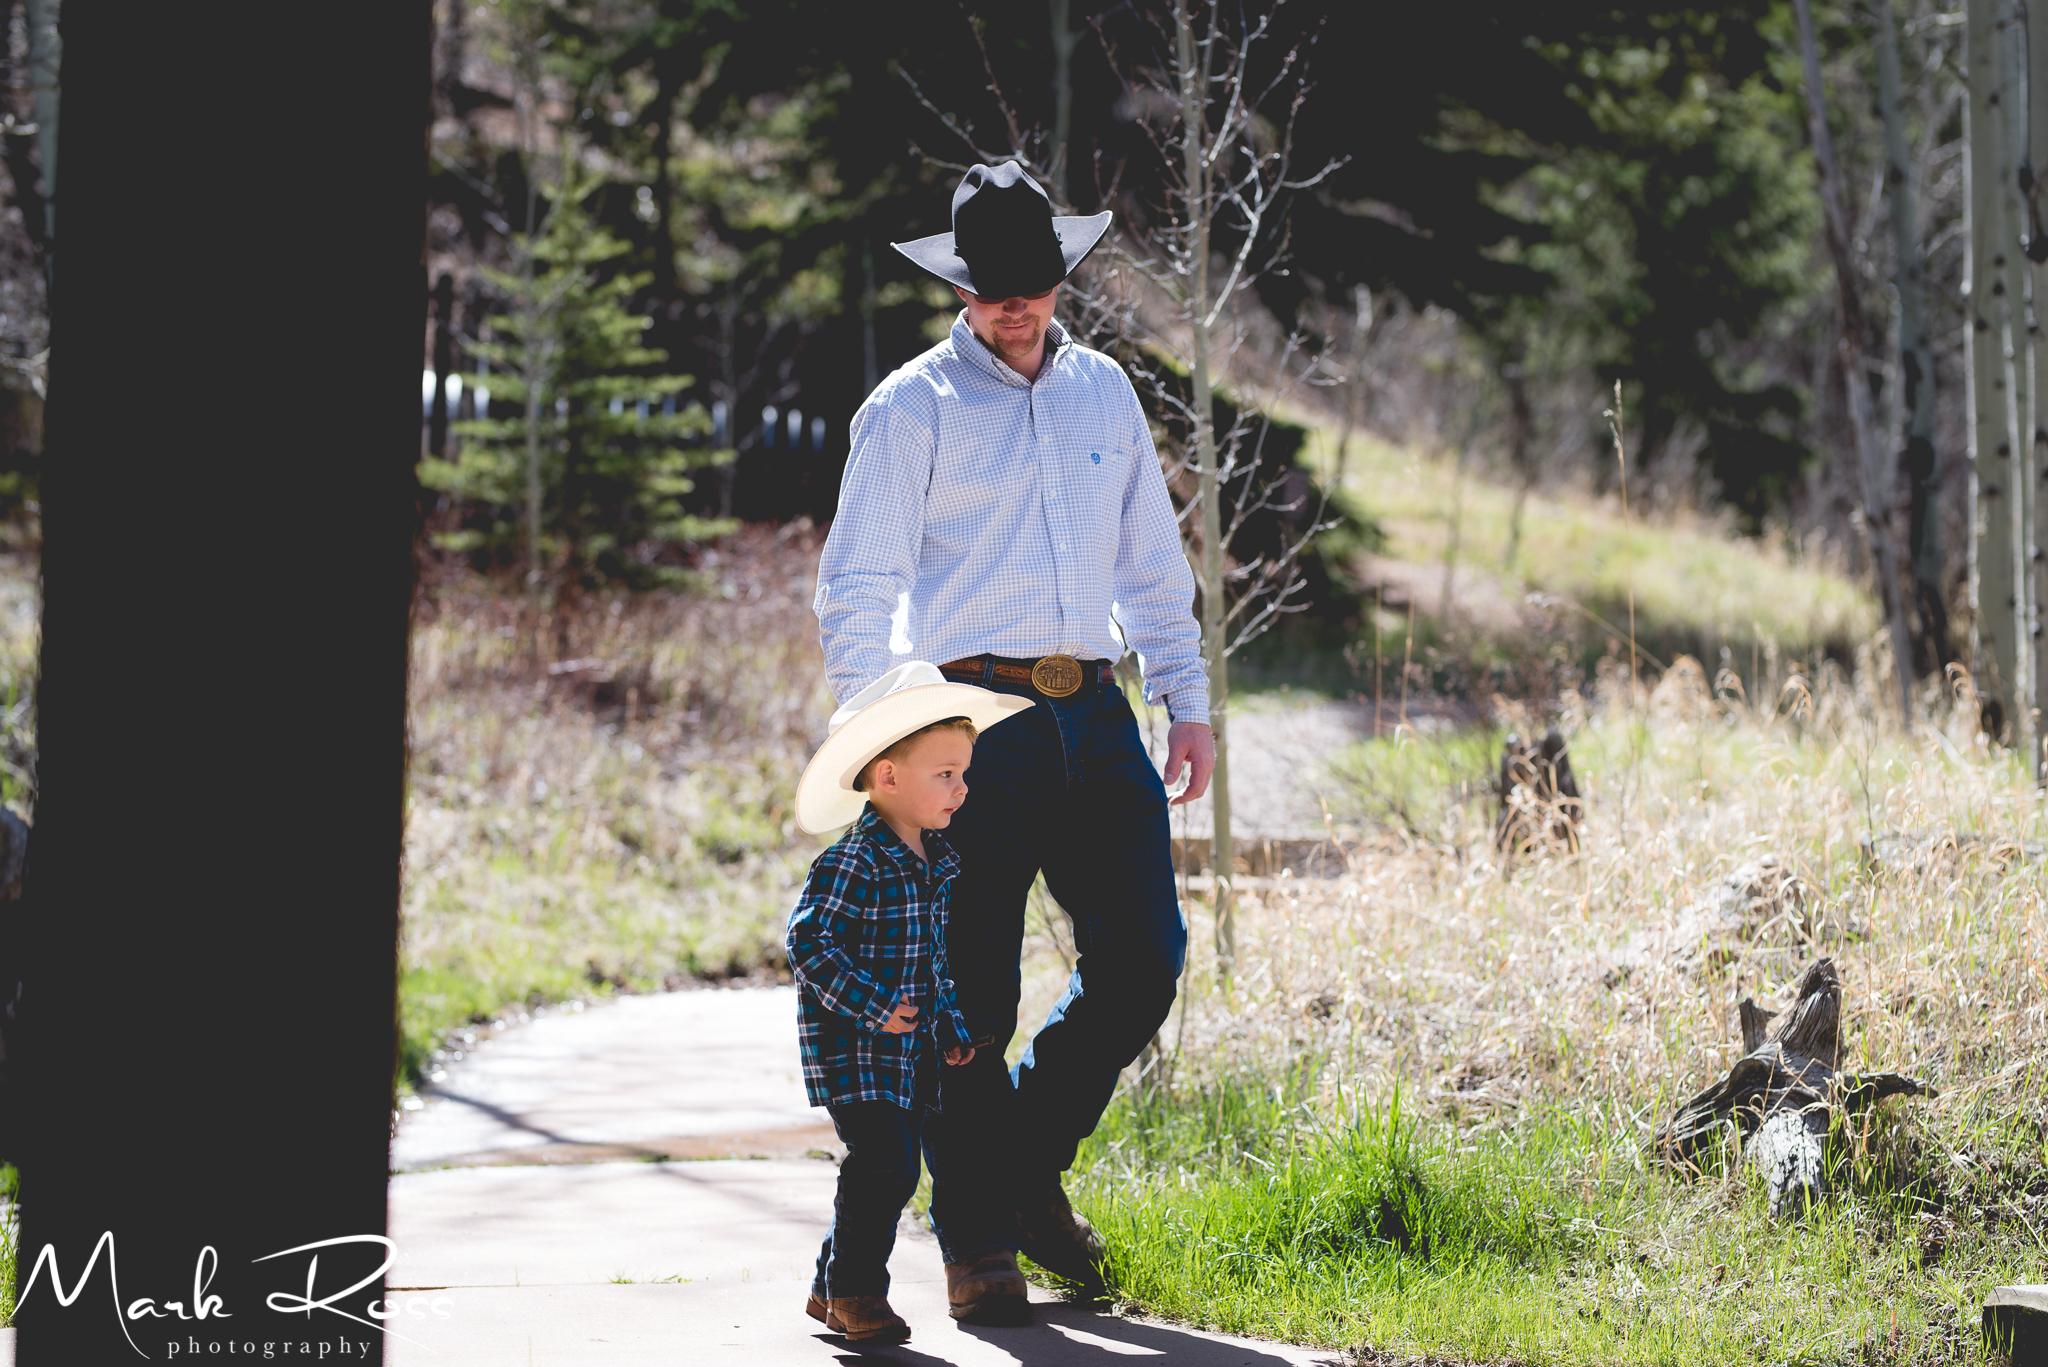 Denver-Family-Photographer-Blog-Mark-Ross-Photography-Glas-Family-15.jpg